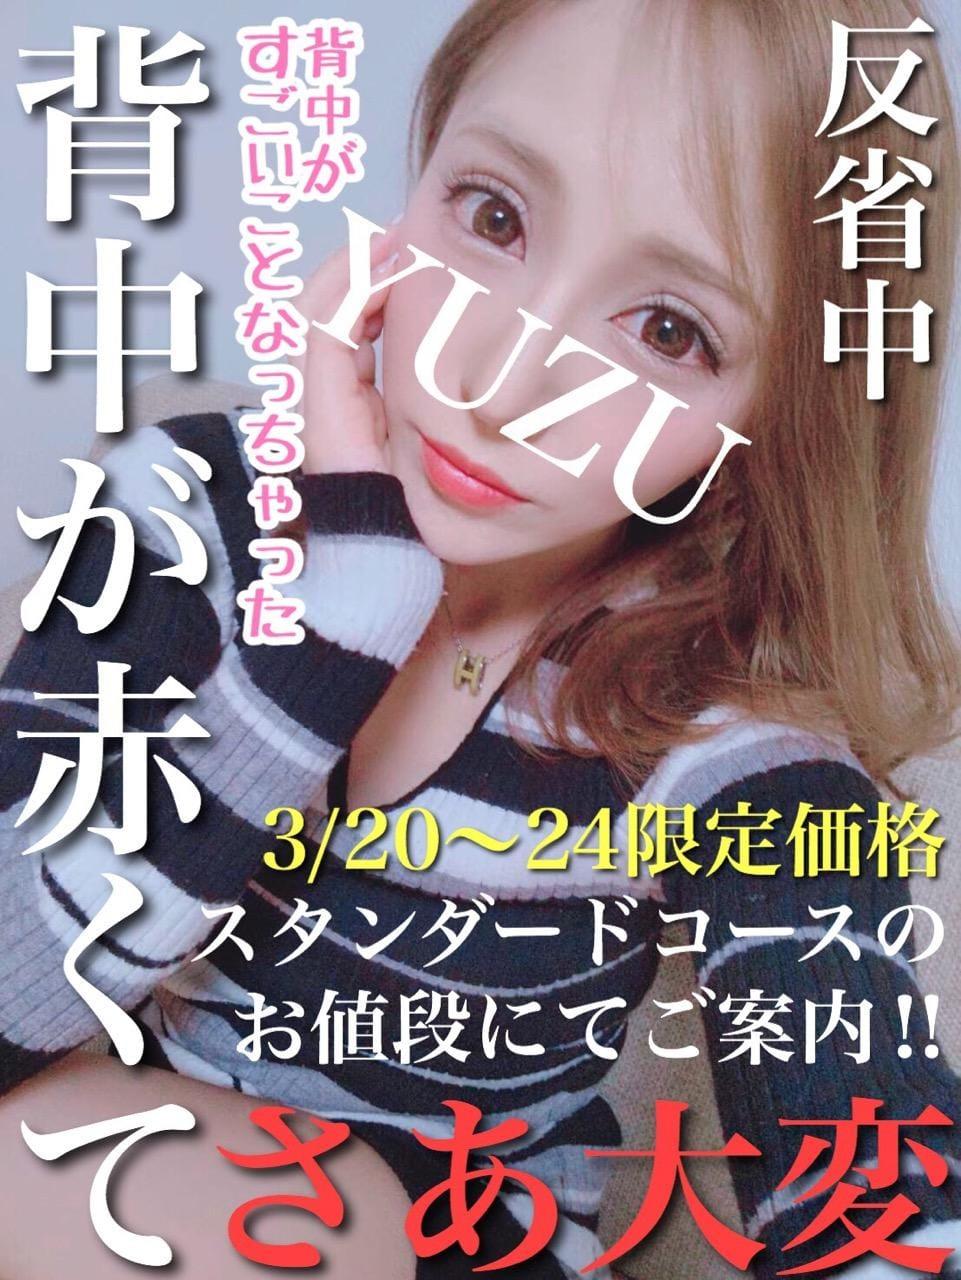 「こんにちわ」03/20(水) 21:01 | ゆずの写メ・風俗動画